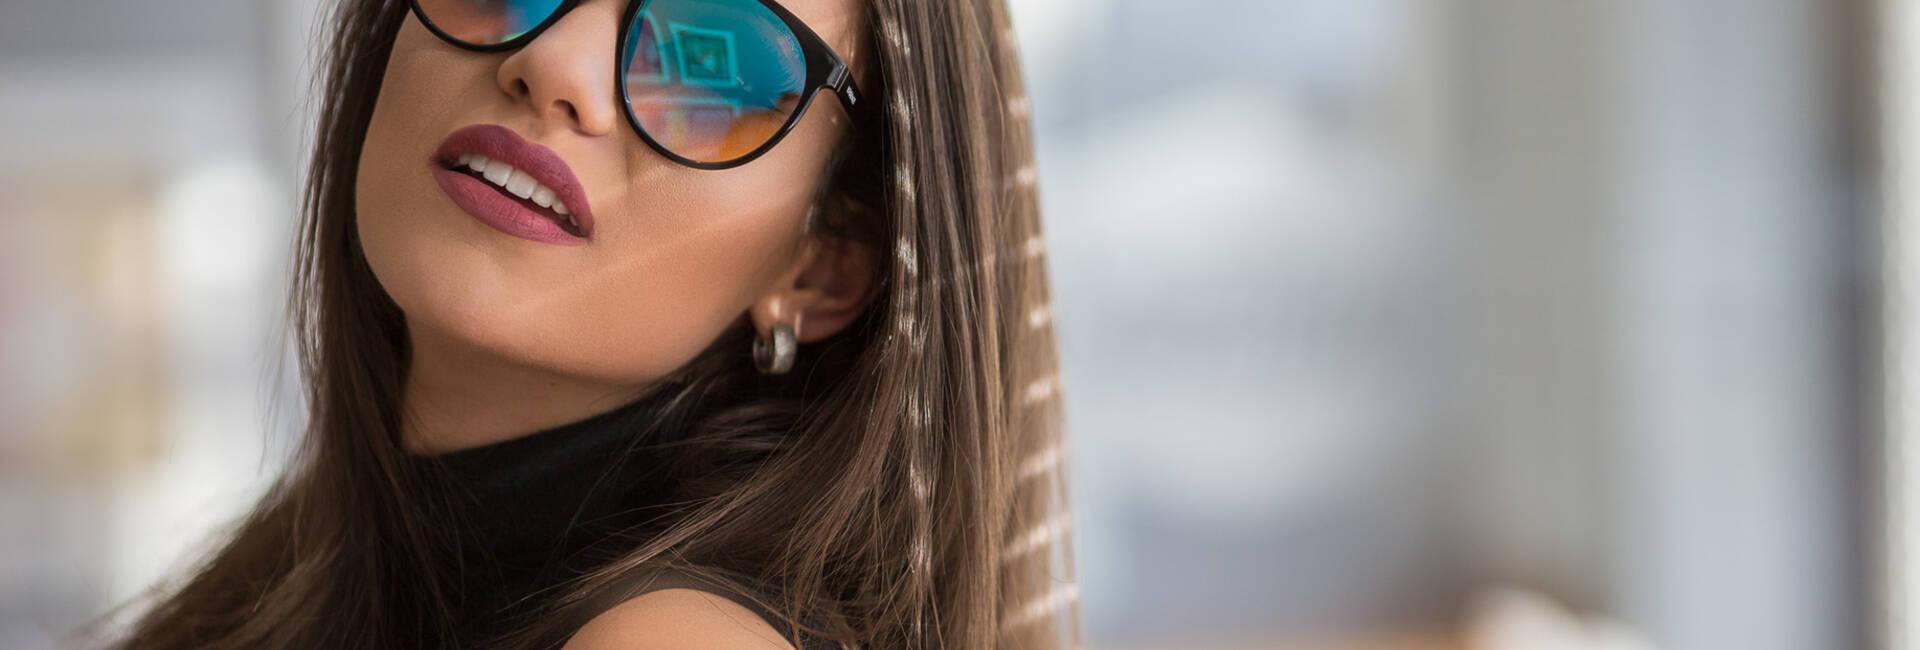 Ensaios de Jordana Carvalho para Via Firenzi